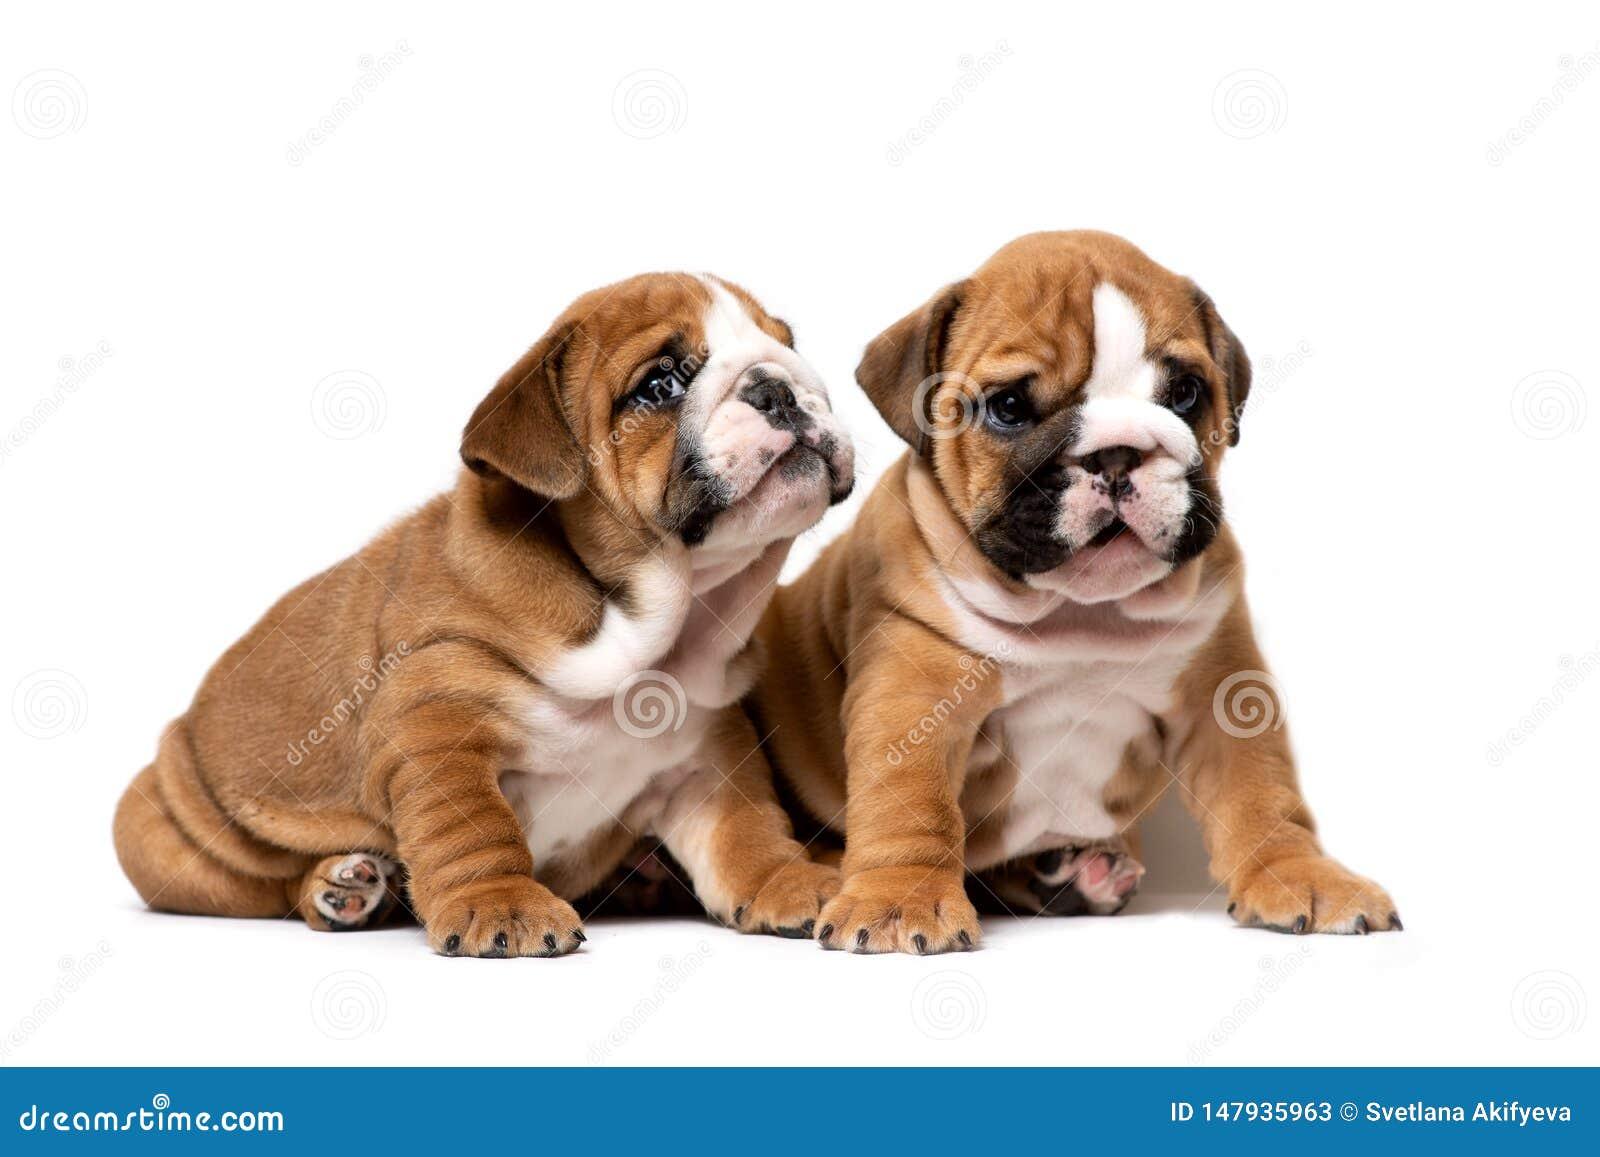 El sentarse inglés lindo de dos perritos del dogo siguiente, escuchando cuidadosamente, aislado en un fondo blanco